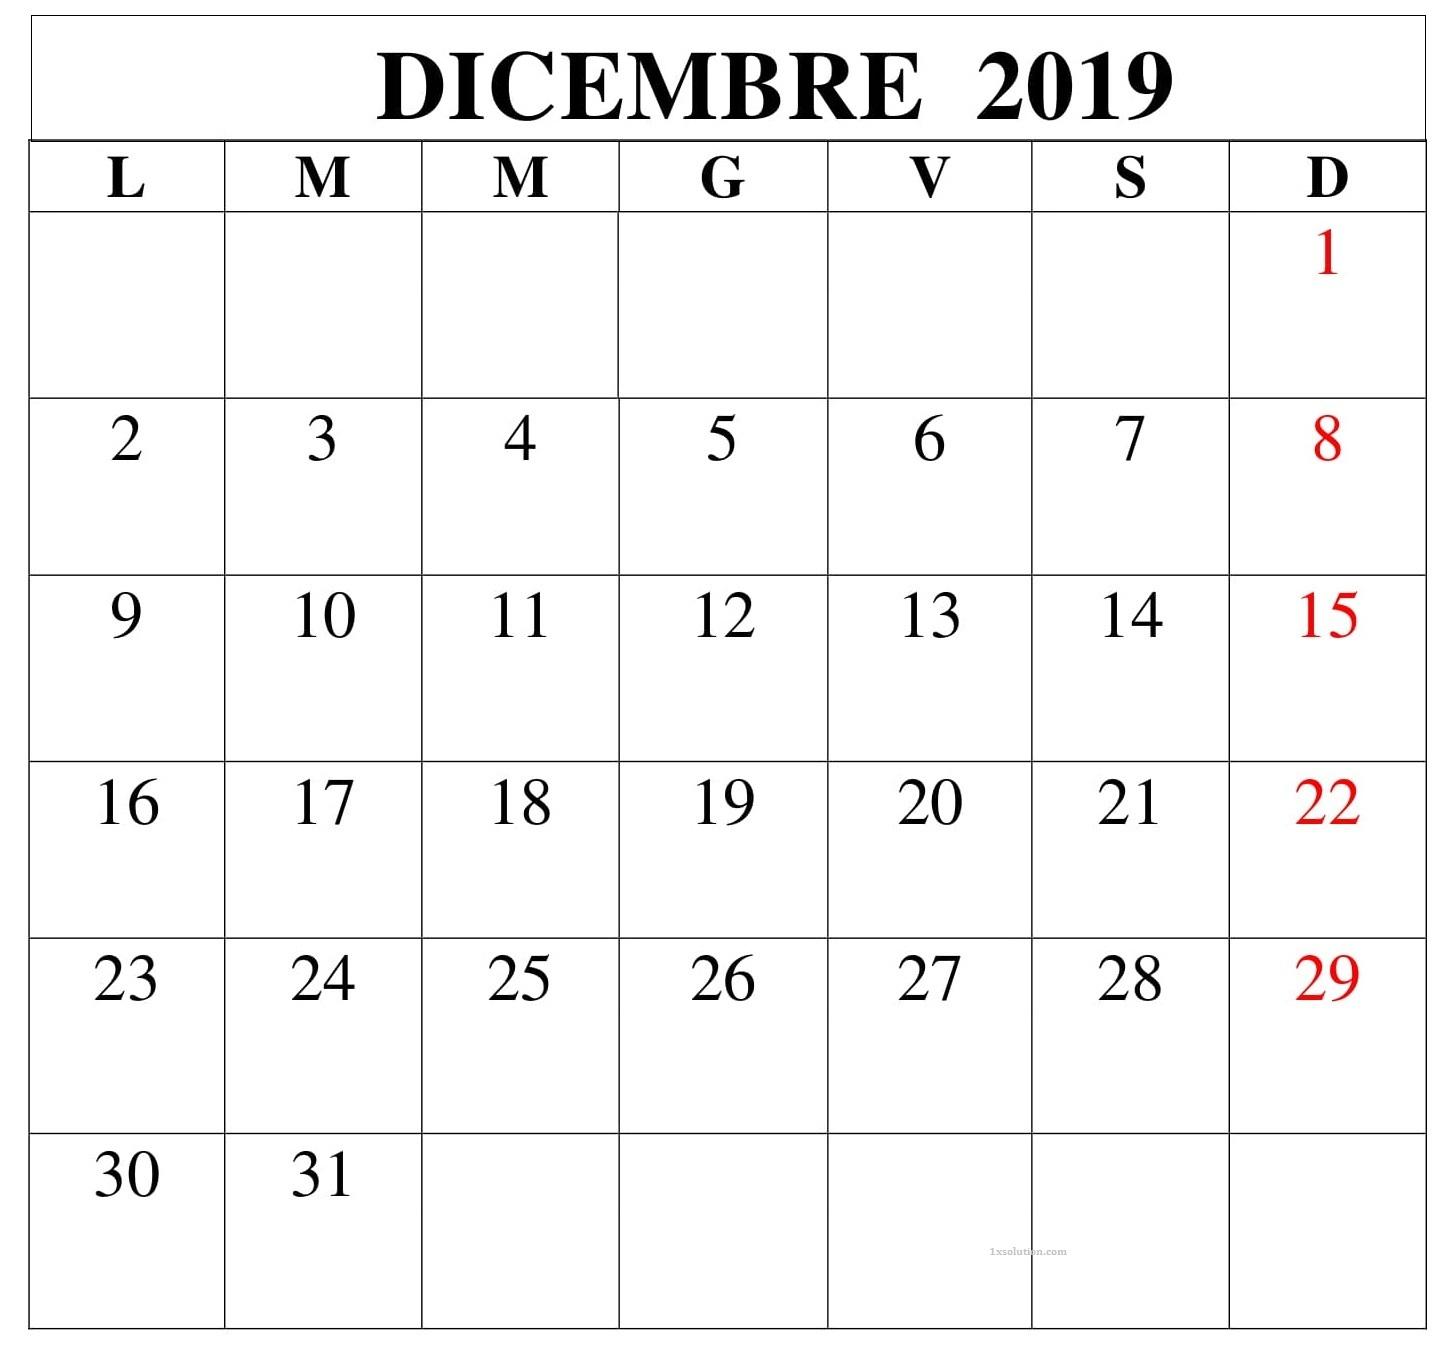 2019 Calendario Dicembre